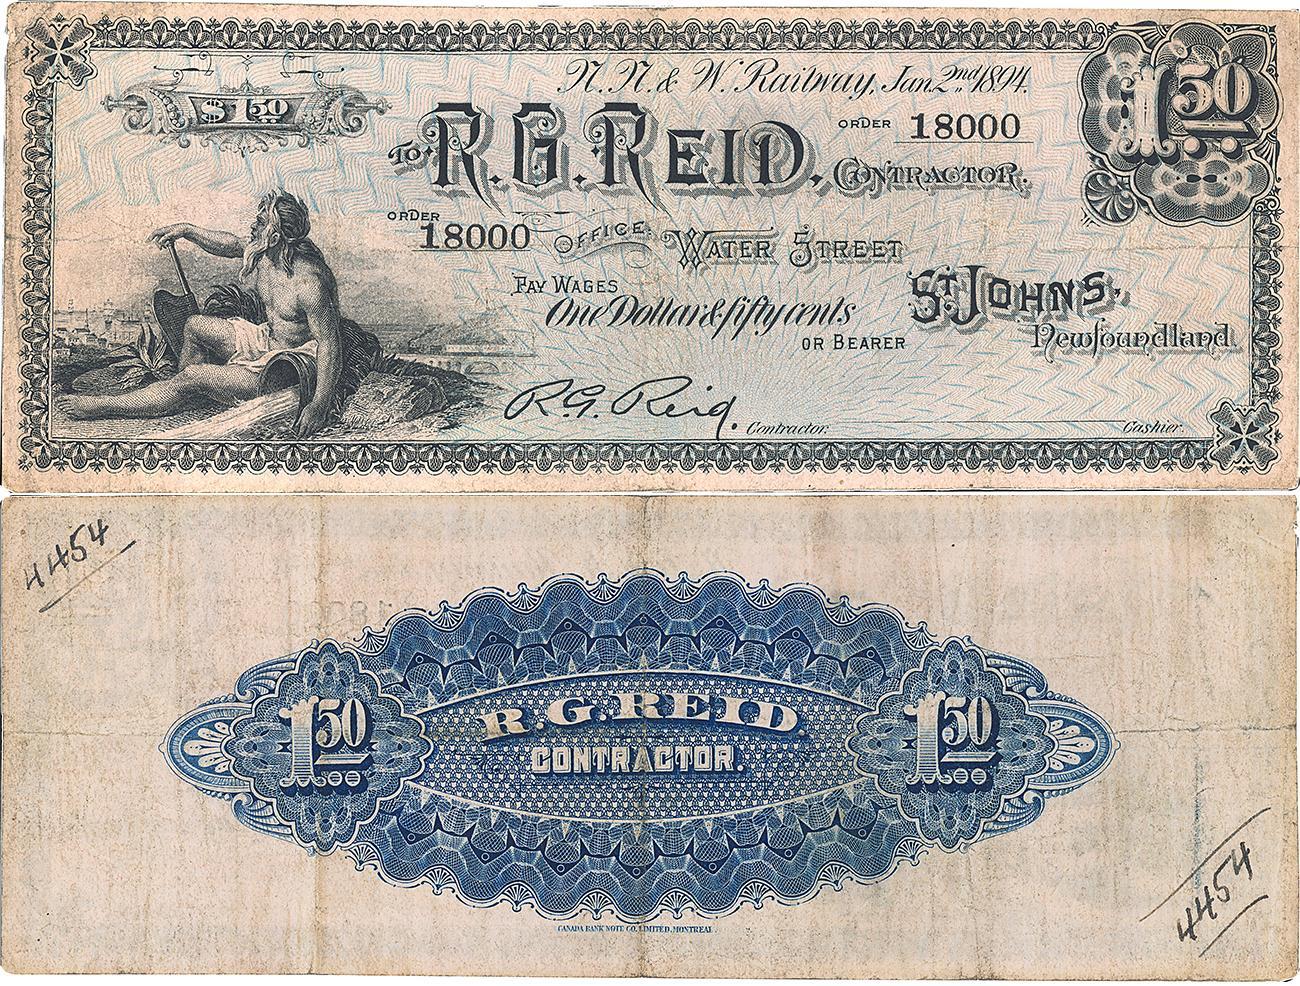 vieux bon orné de l'inscription « R. G. Reid », d'une allégorie symbolisant le travail et d'un motif bleu et noir